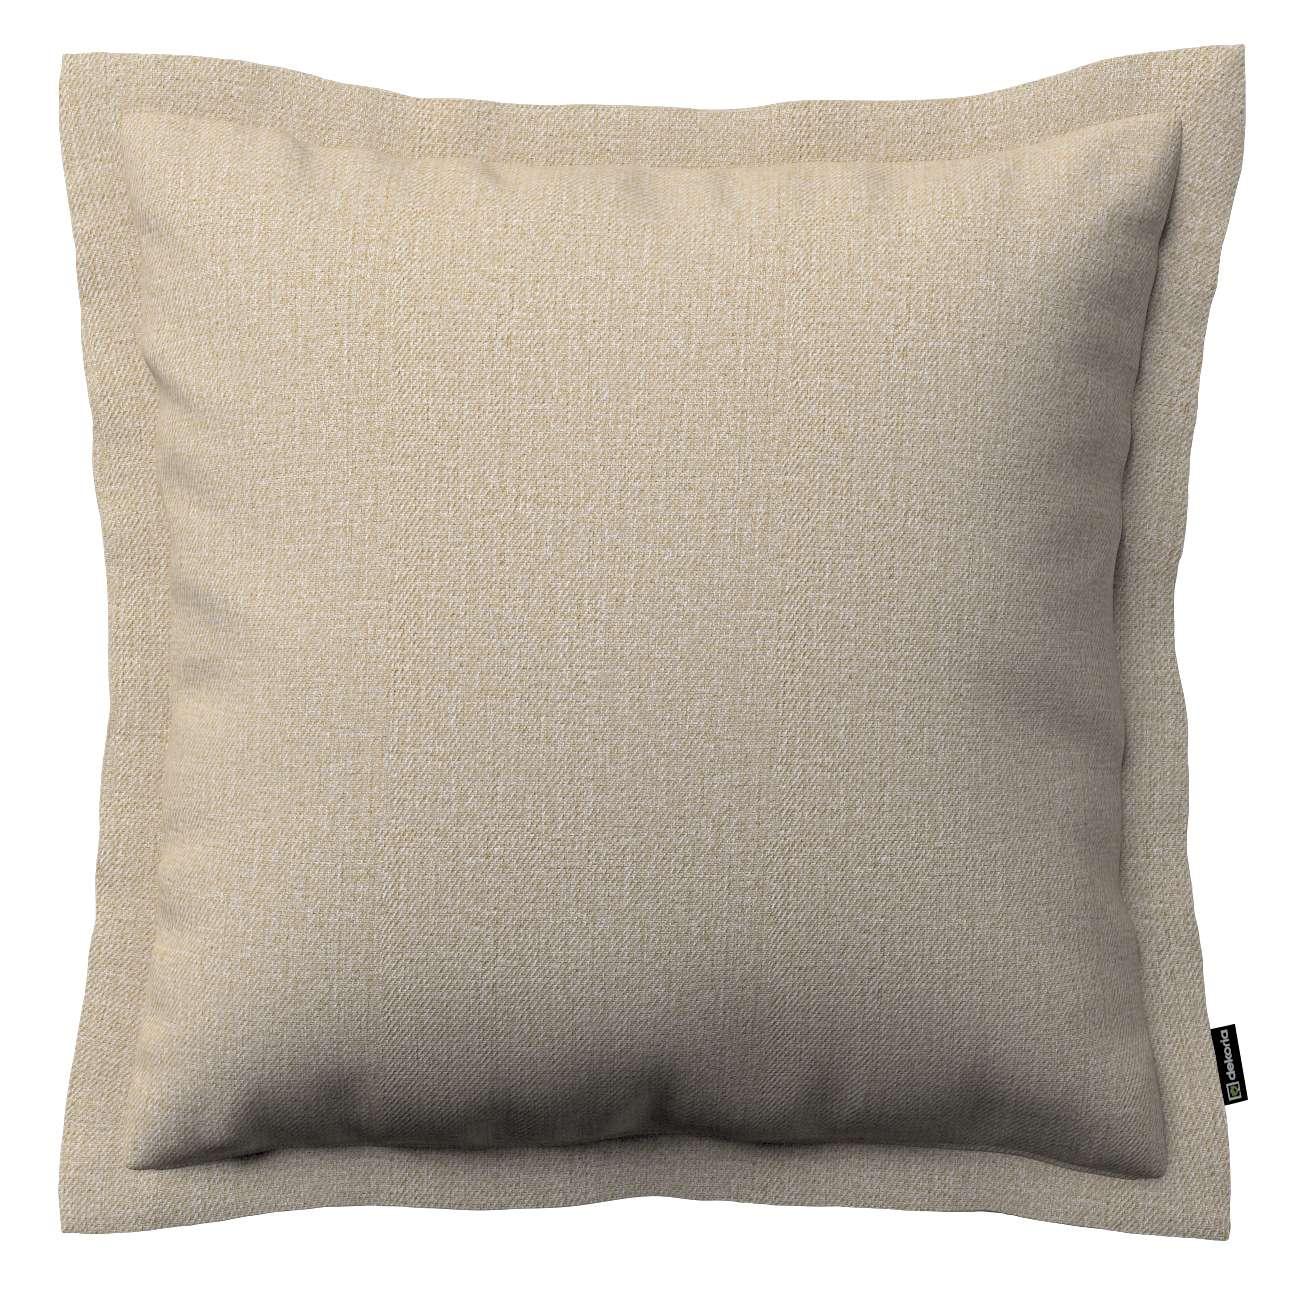 Mona dekoratyvinių pagalvėlių užvalkalas su sienele 38 x 38 cm kolekcijoje Edinburgh , audinys: 115-78